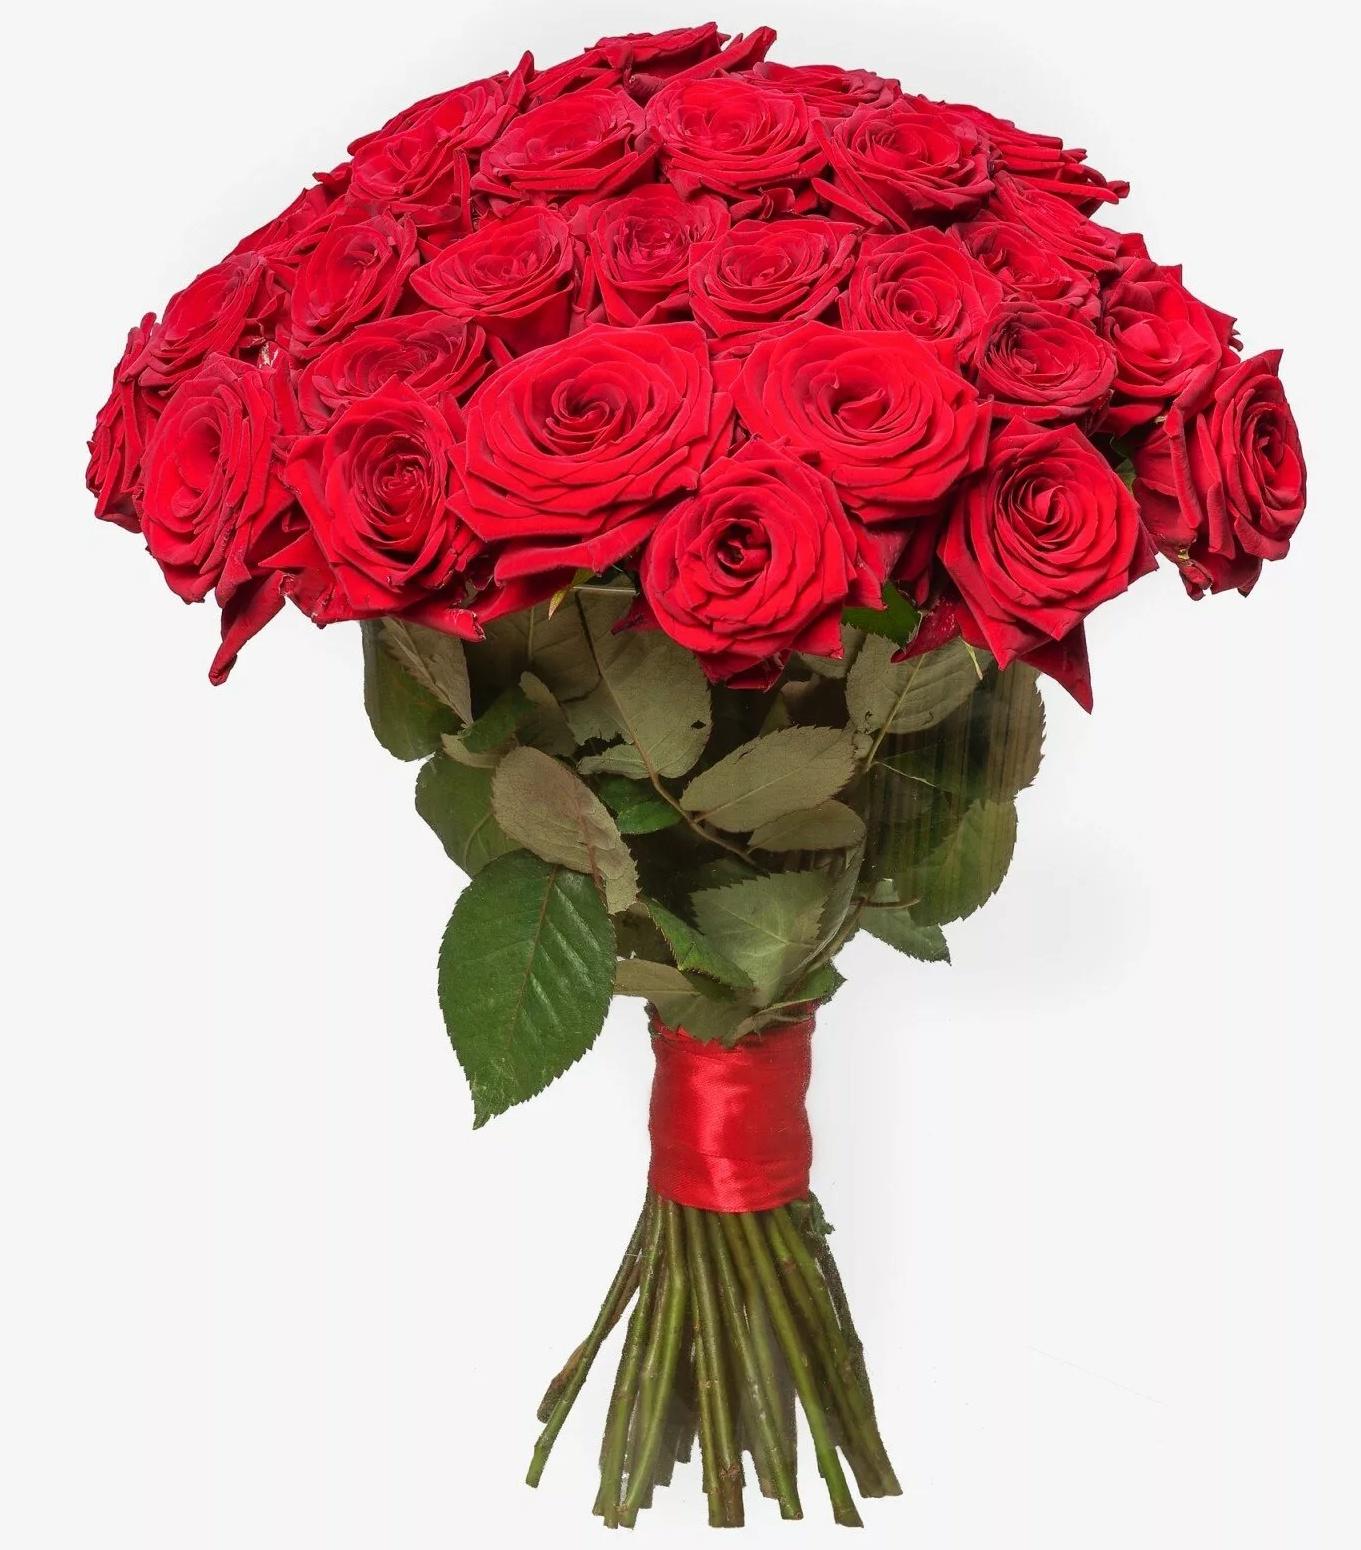 Красивый букет красных роз фото